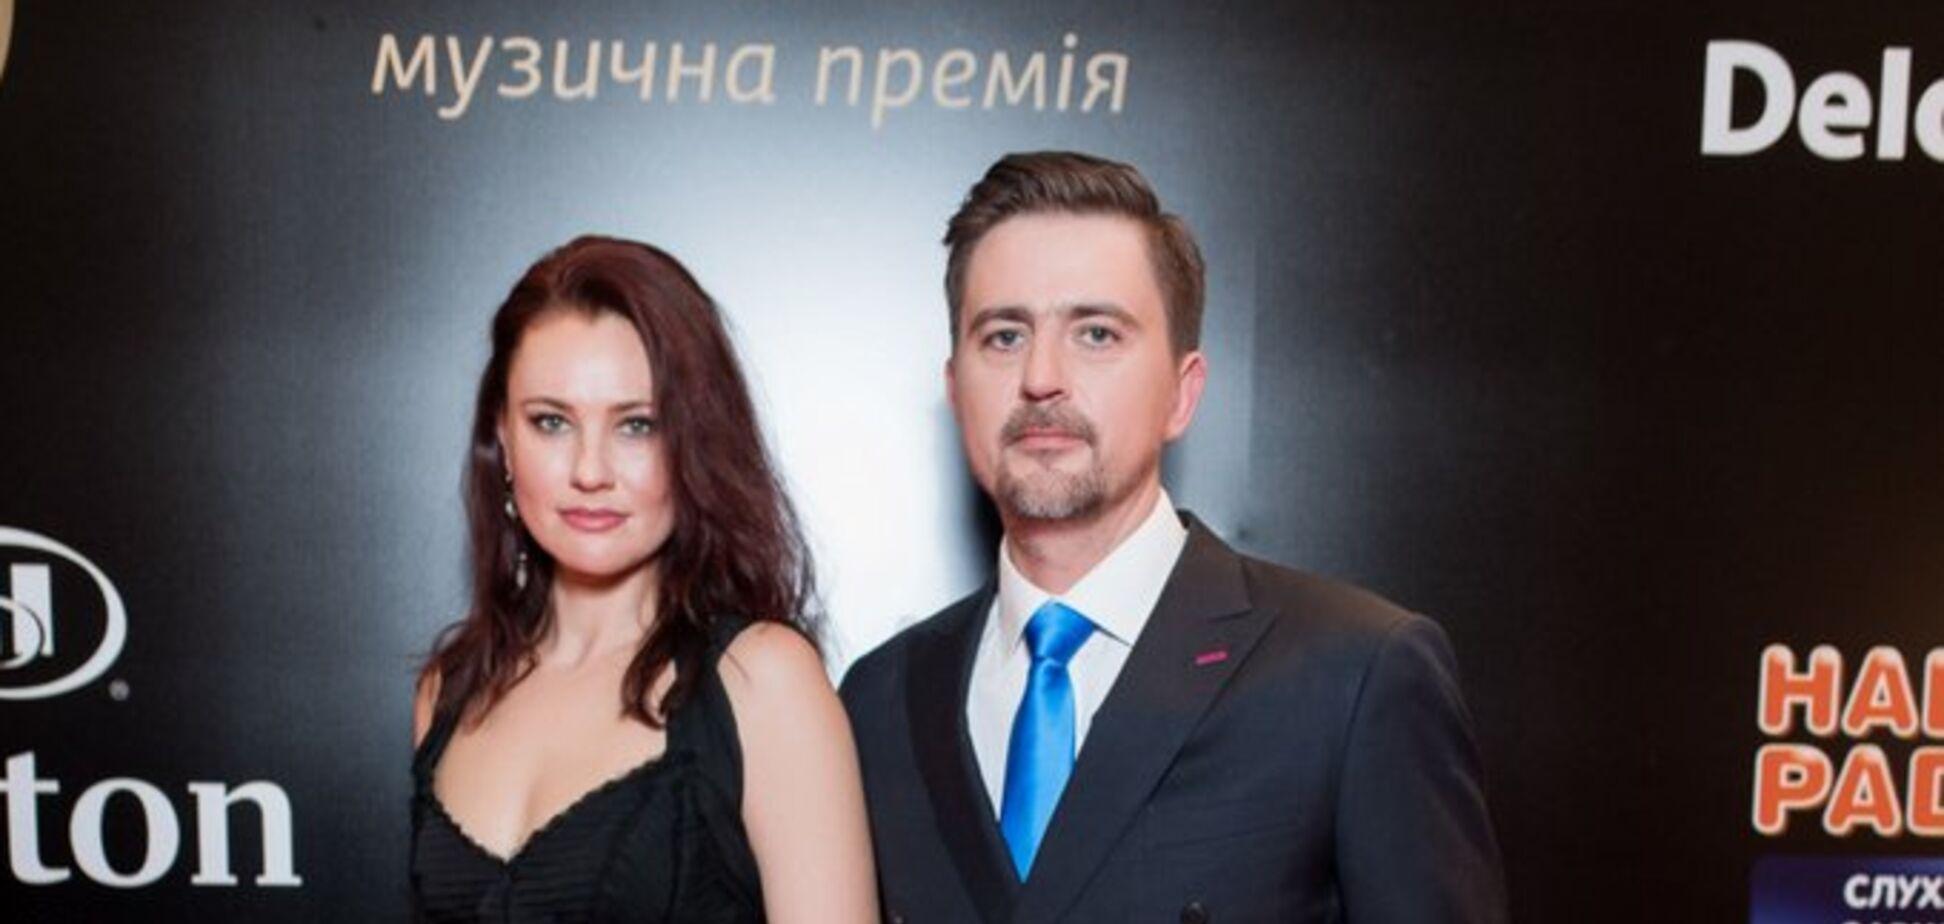 На втором году предлагали взятку 20-30 тысяч долларов - генеральный продюсер YUNA Павел Шилько